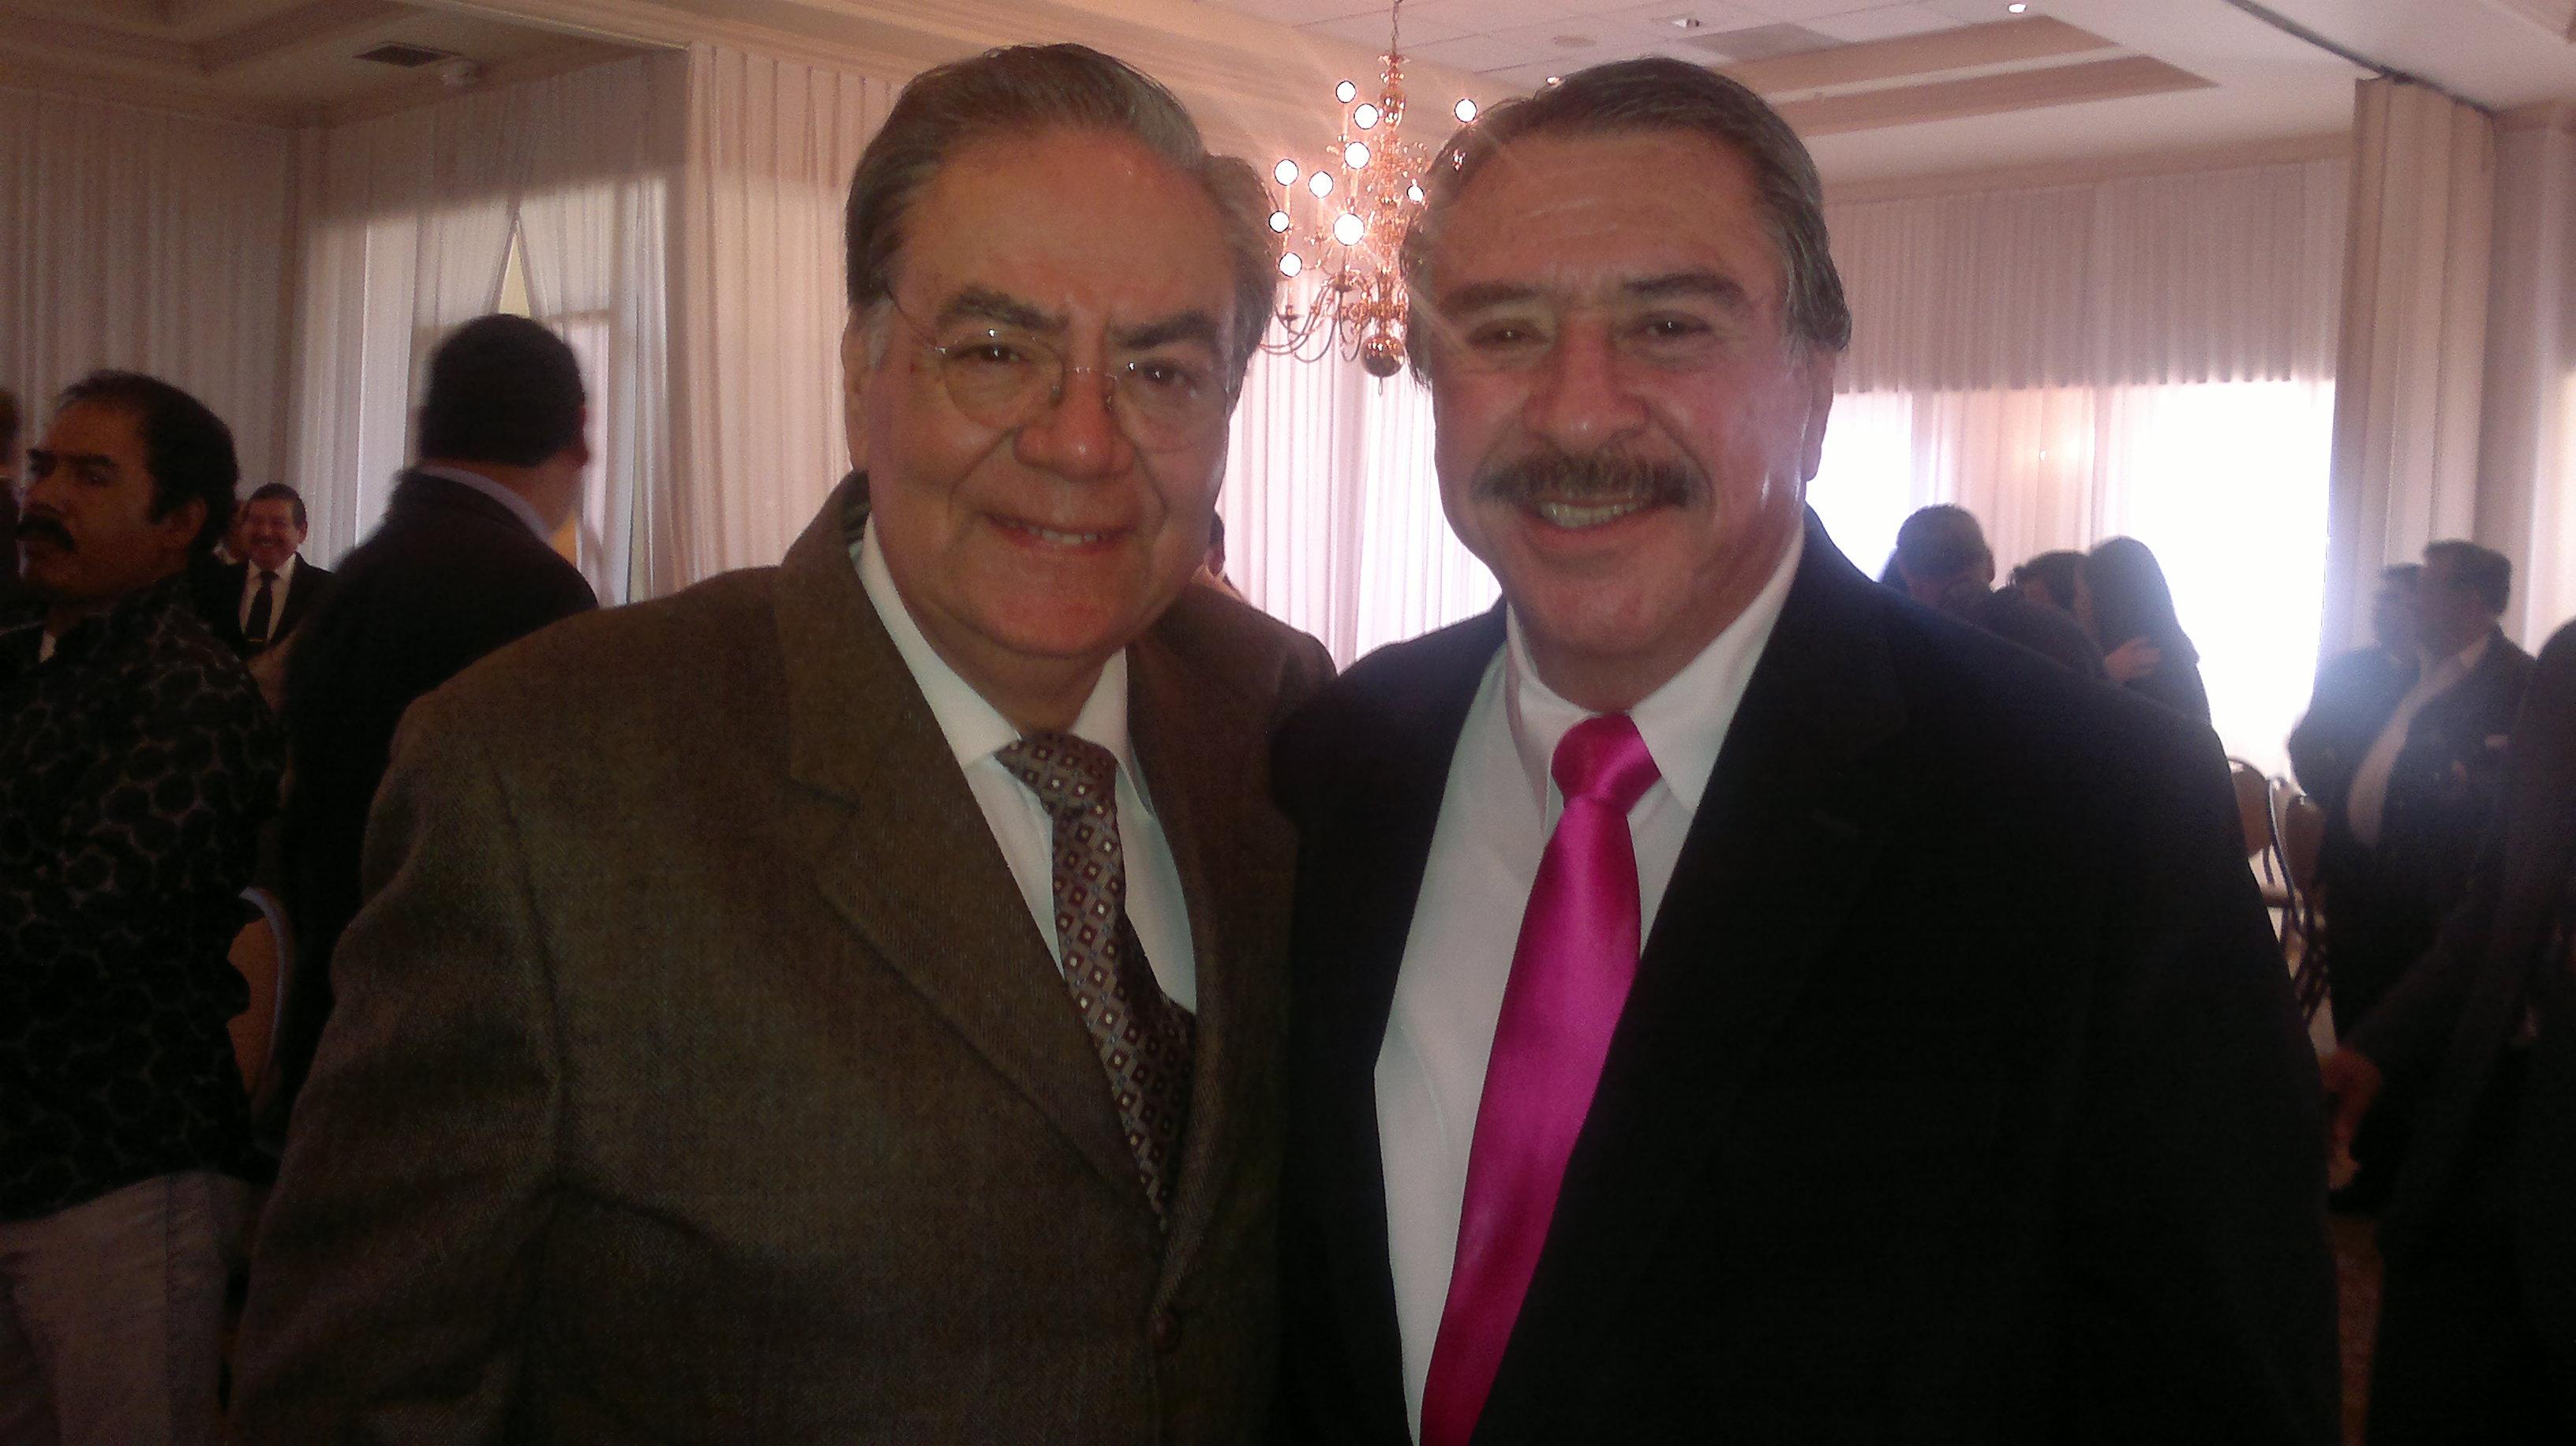 Grupo 21 creció de 22 a 33 socios con Lugo Valenzuela; Francisco Reynoso el de mas reciente ingreso